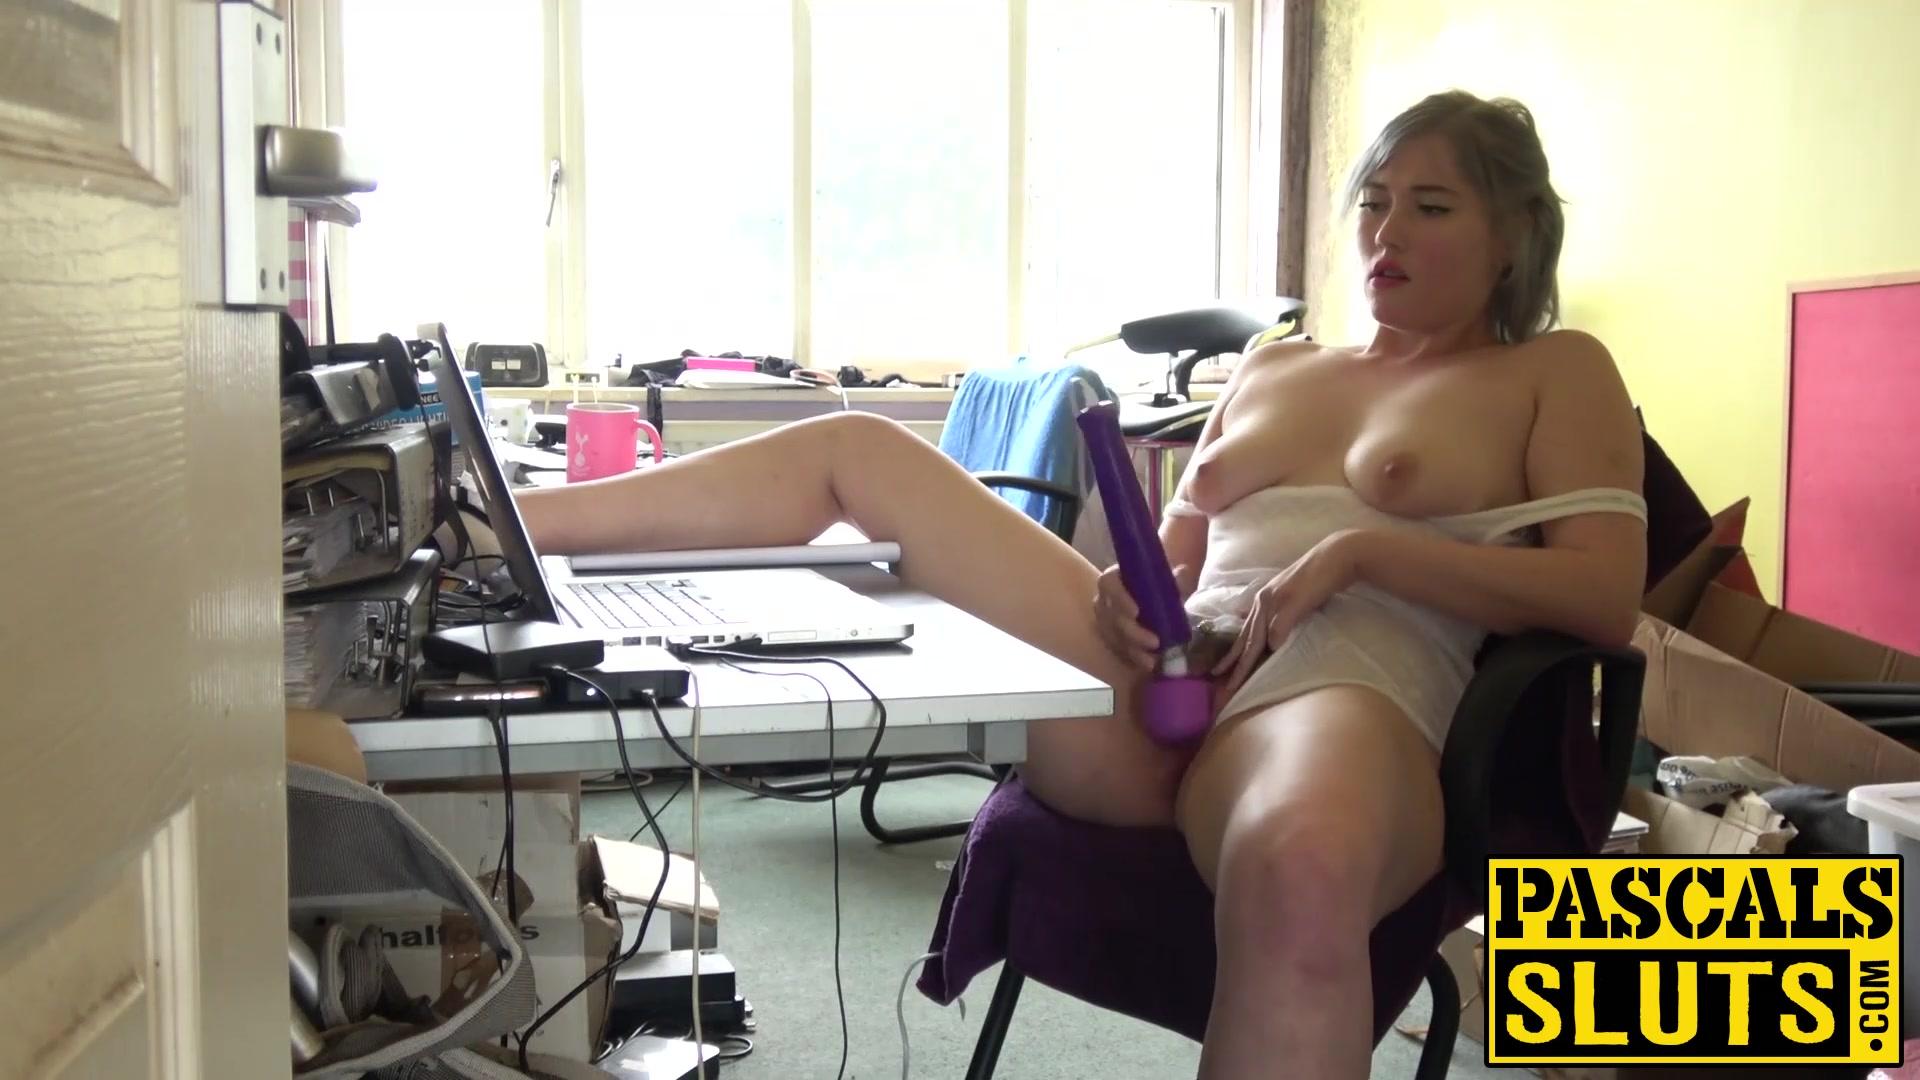 male solo orgasm movie New xXx Video